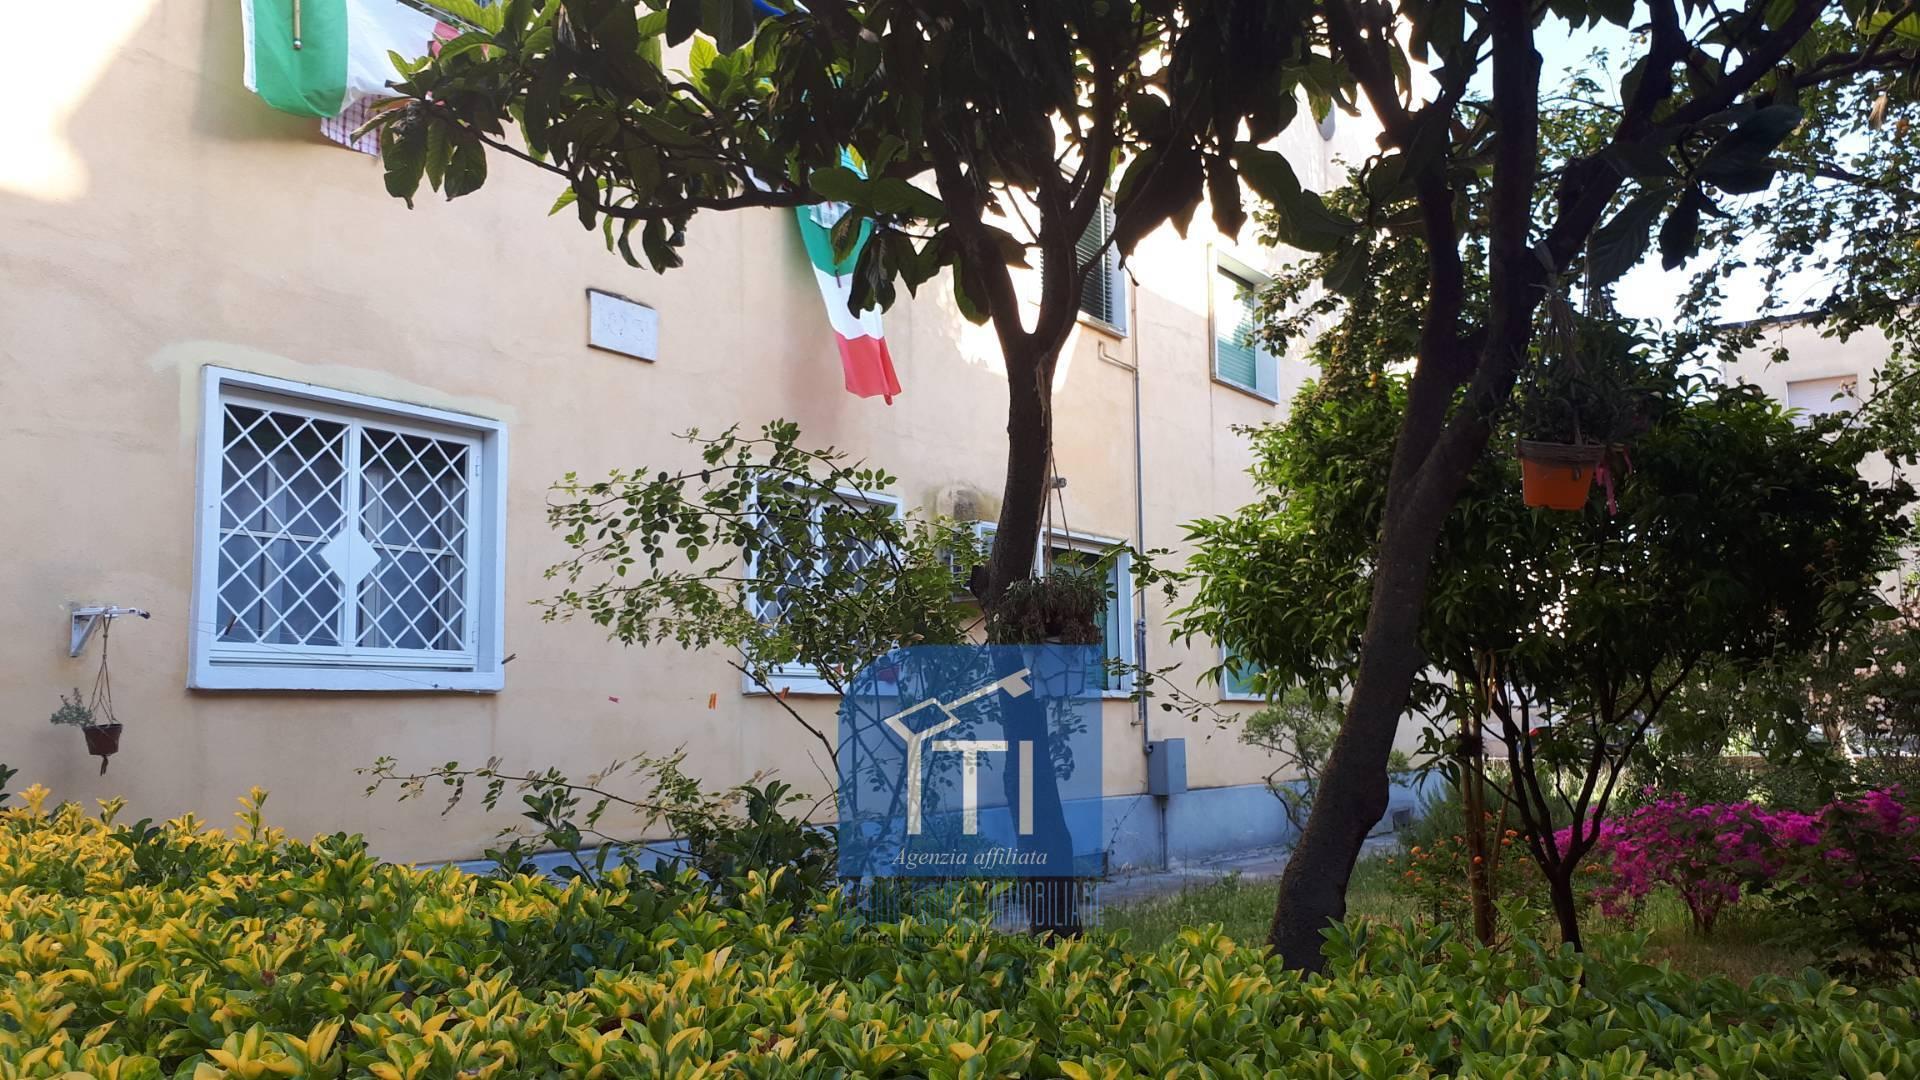 Appartamento in vendita a Latina, 3 locali, zona Località: Centrostorico, prezzo € 63.000 | CambioCasa.it